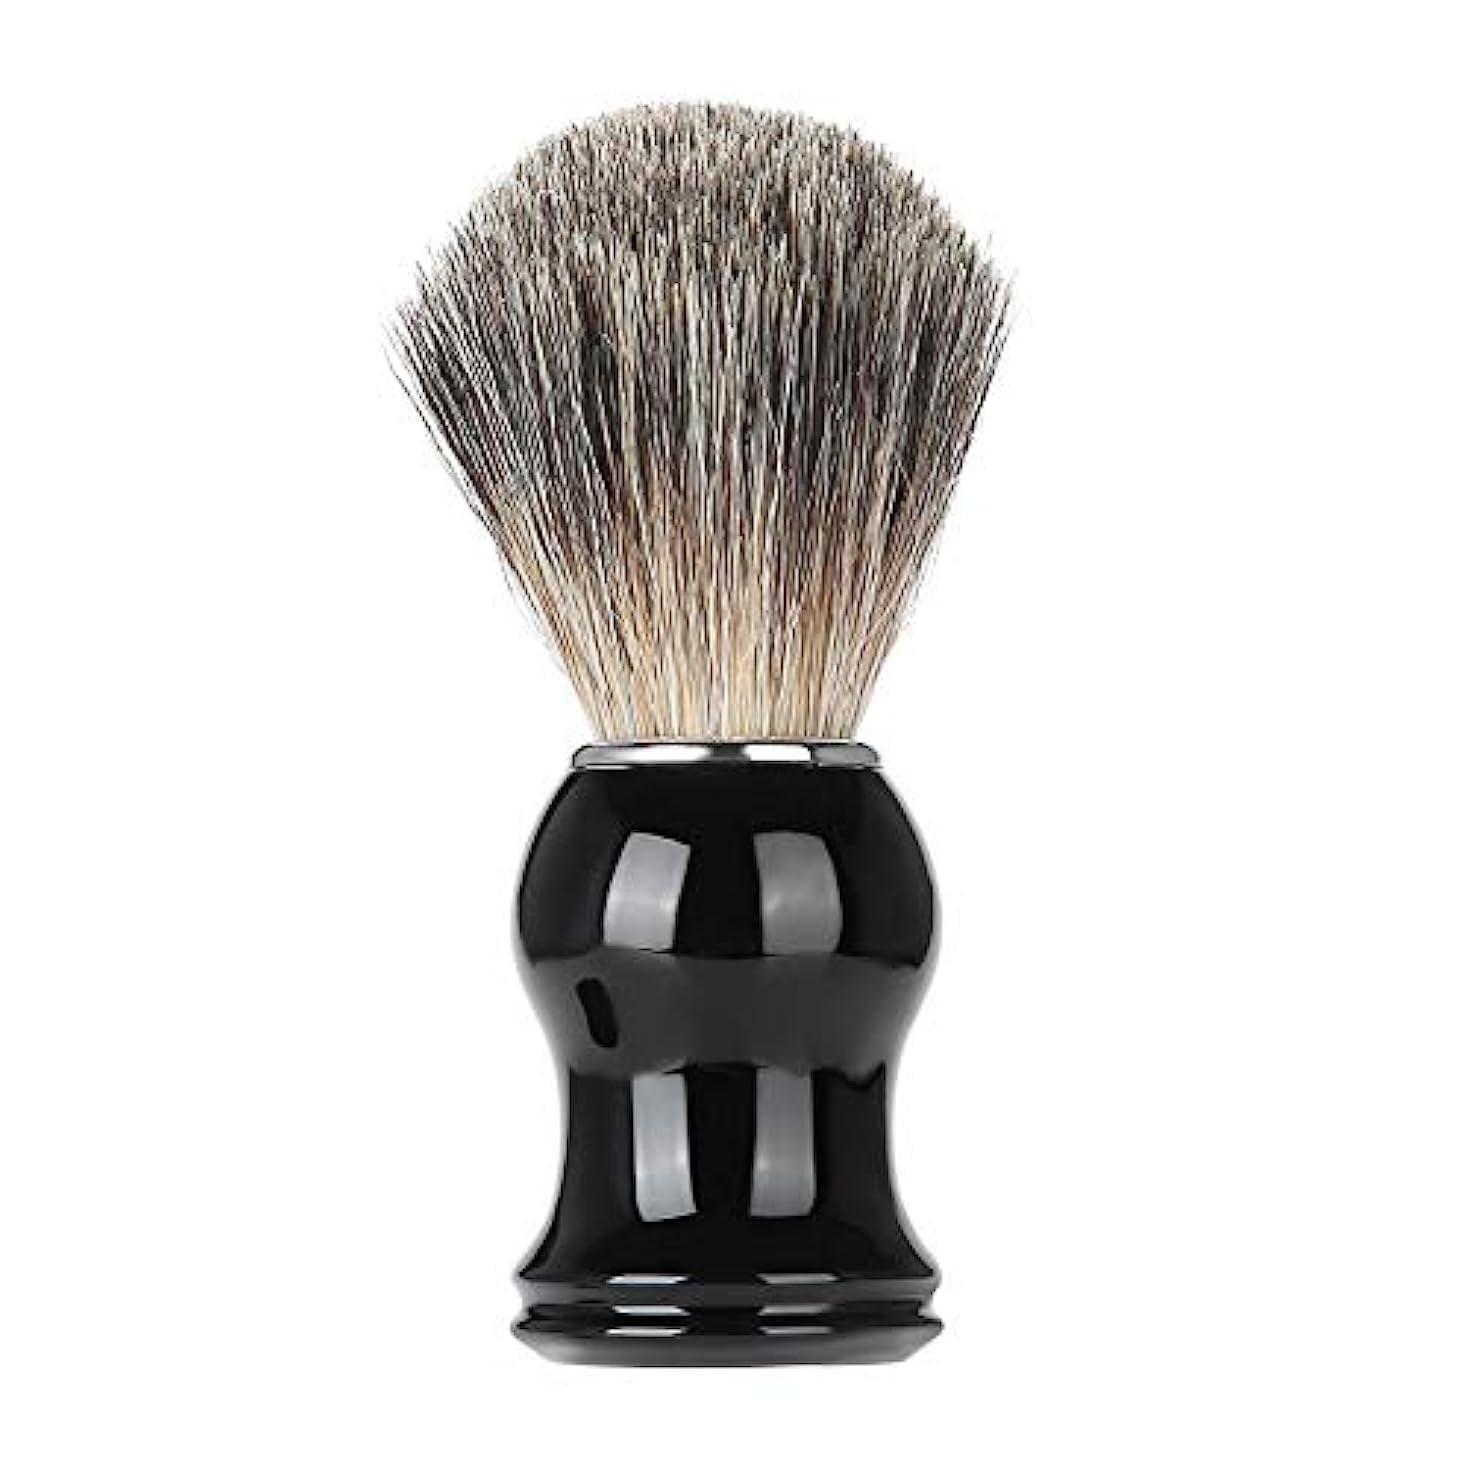 宣伝反映する対応するシェービングブラシ男性髭口ひげ剃毛ブラシ樹脂ハンドル髭剃りツール